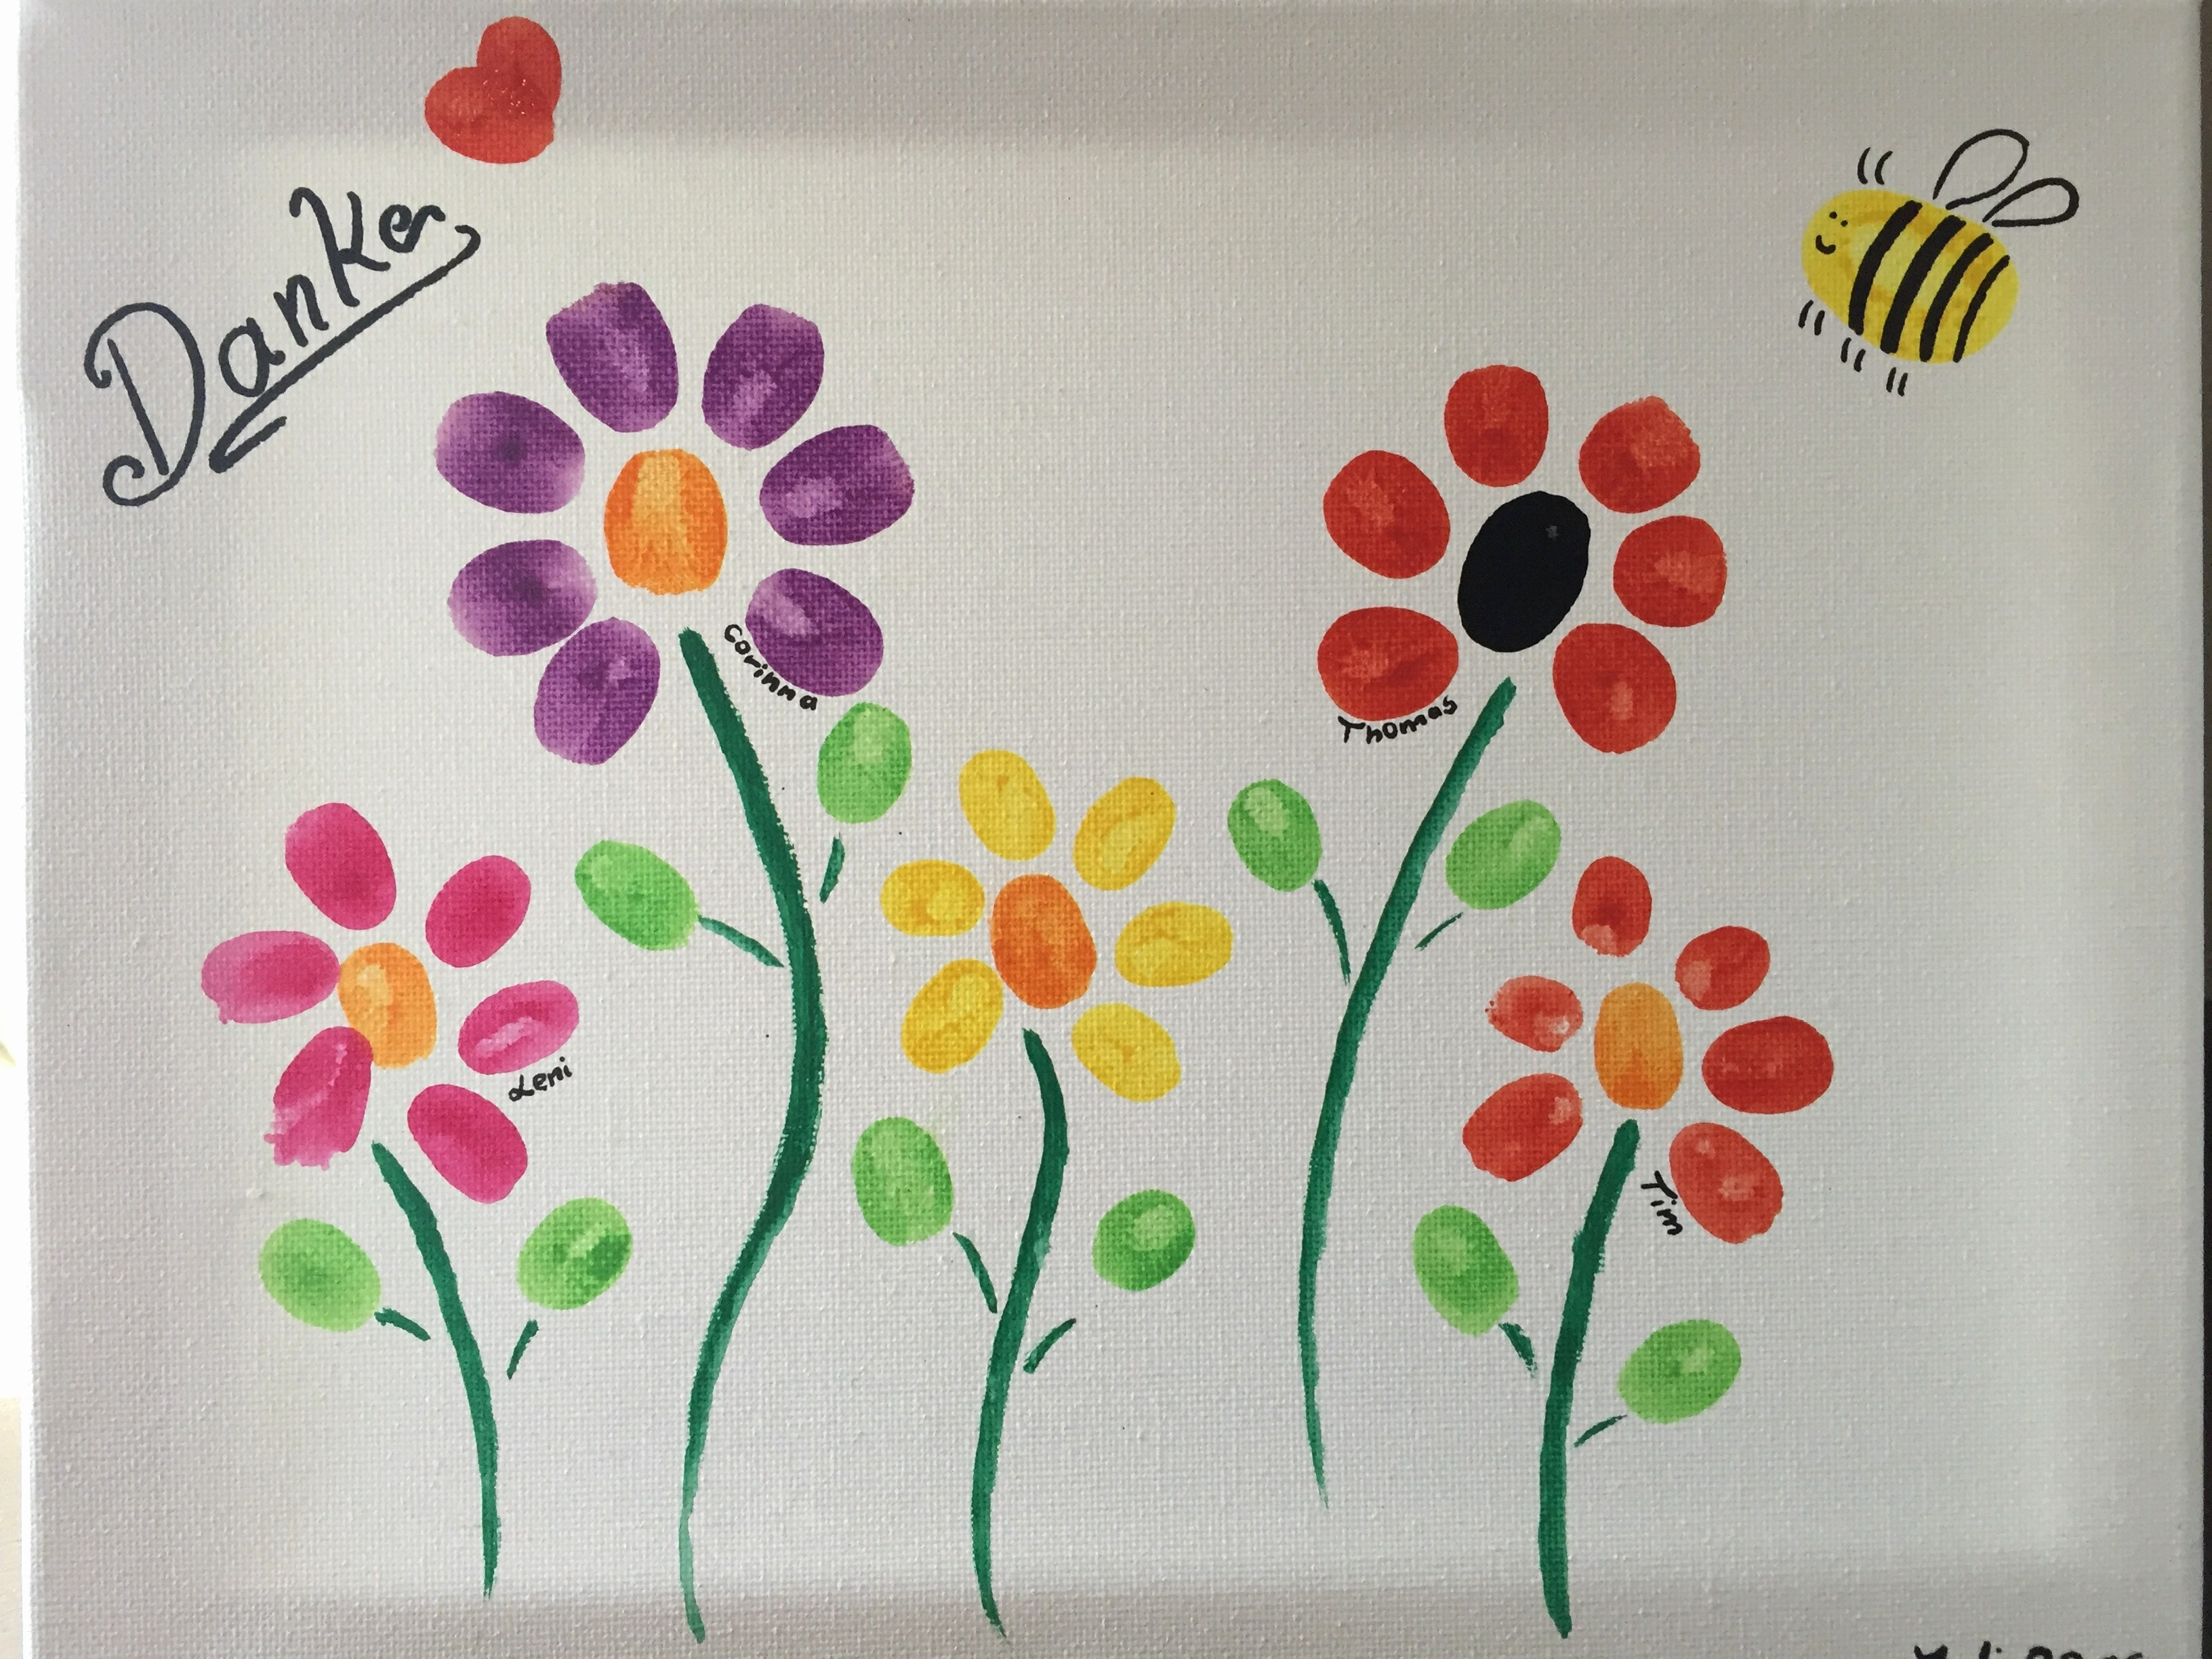 Blumenranken Zum Ausdrucken Neu Blumen Bilder Zum Ausdrucken Frisch Karte Blumen Neuestes S S Media Das Bild